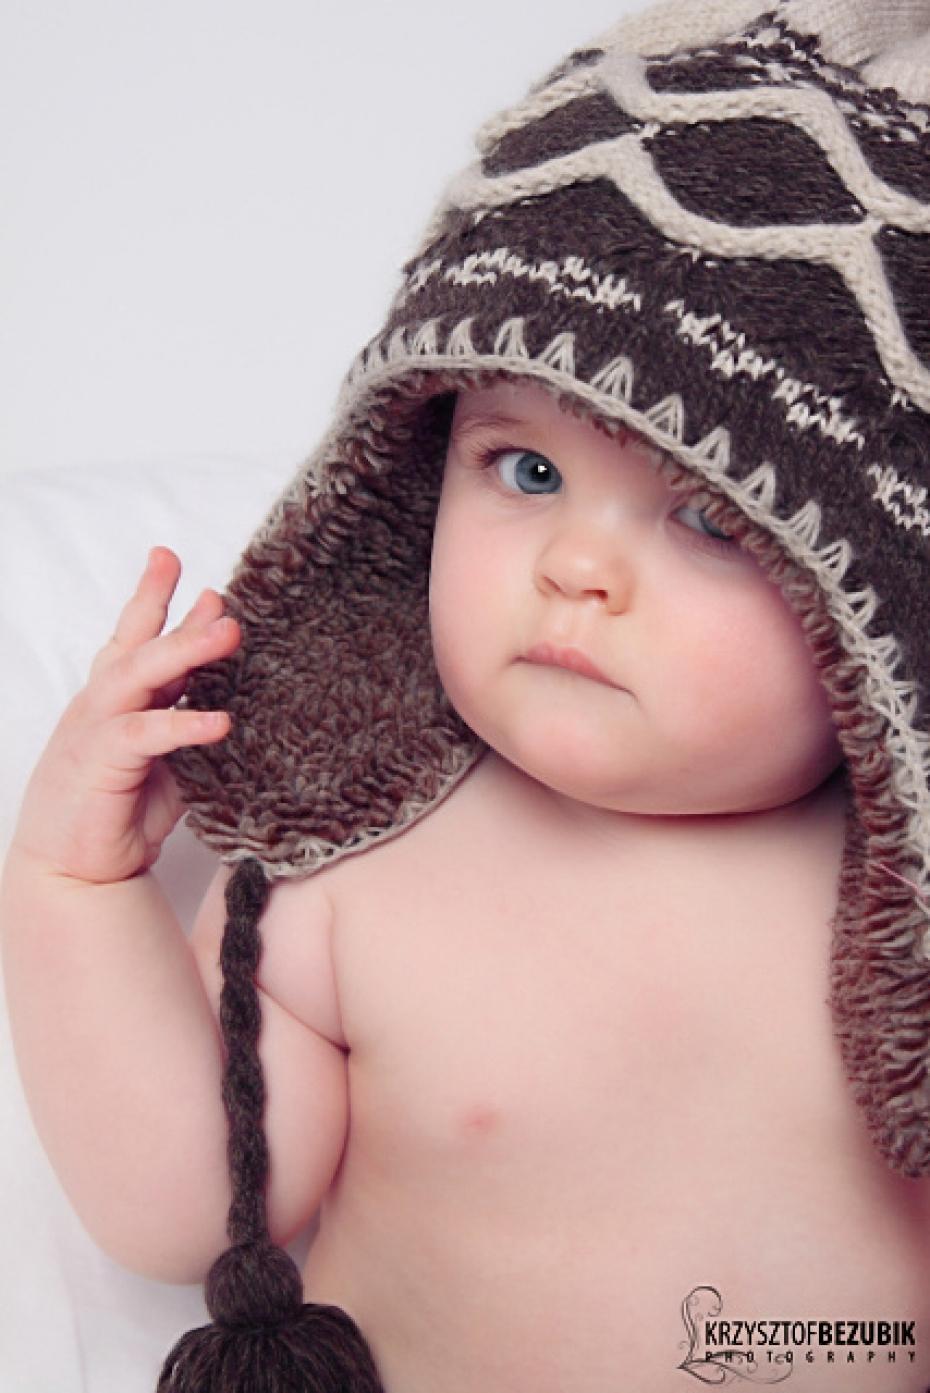 9-fotografia-dziecieca-bialystok-zdjecie-dzieciece-bialystok-fotografia-ciazowa-bialystok-fotografia-rodzinna-bialystok-fotografia-studyjna-bialystok